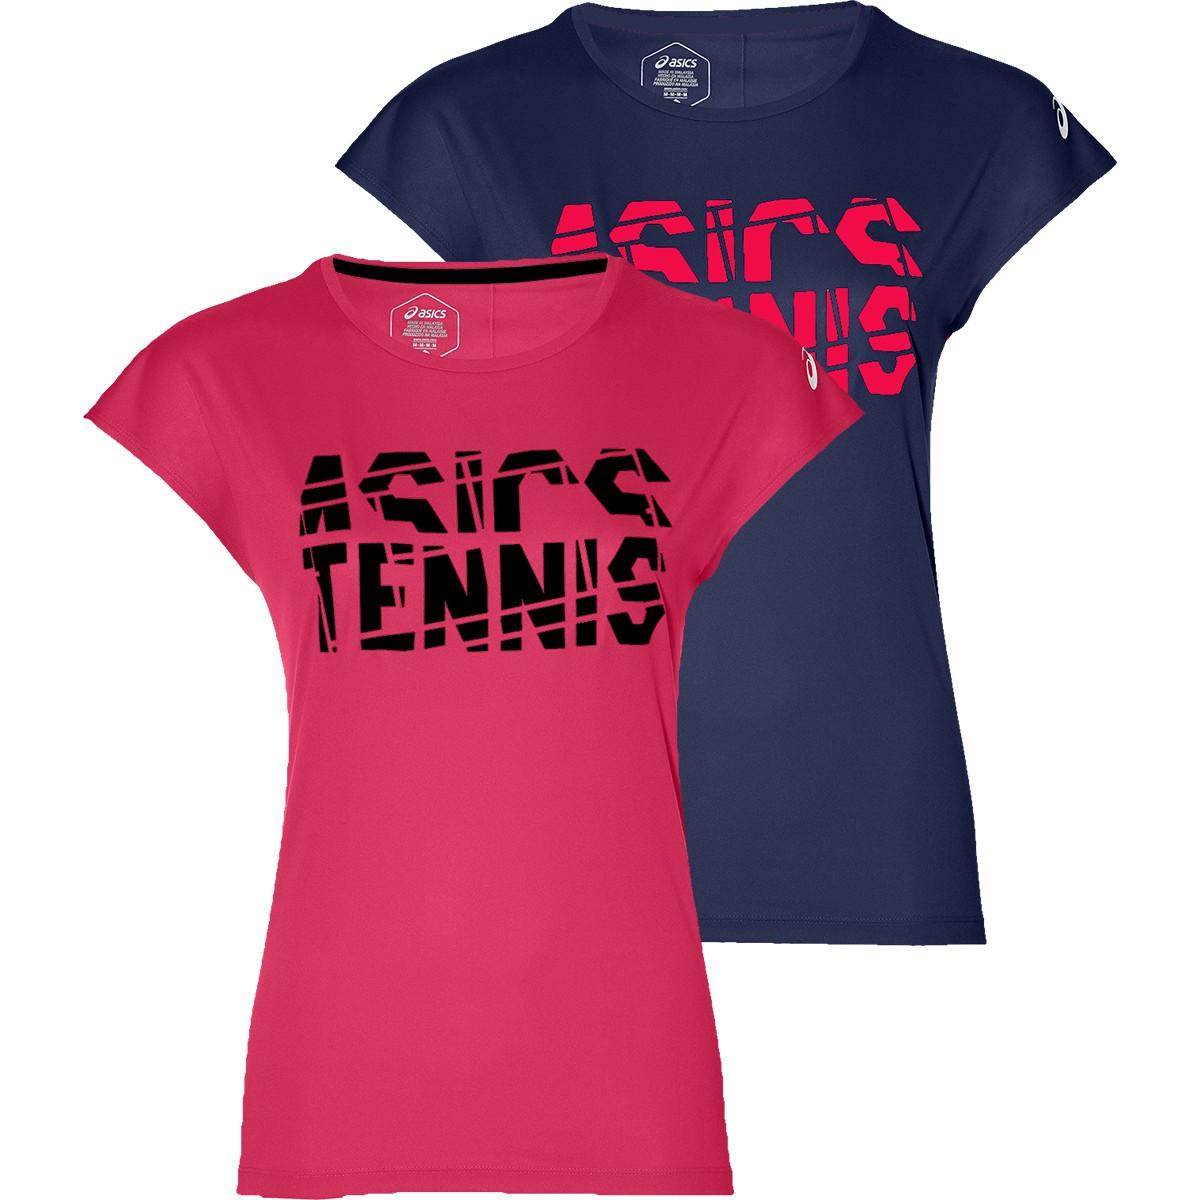 JUNIOR GIRLS' ASICS TENNIS GPX T-SHIRT